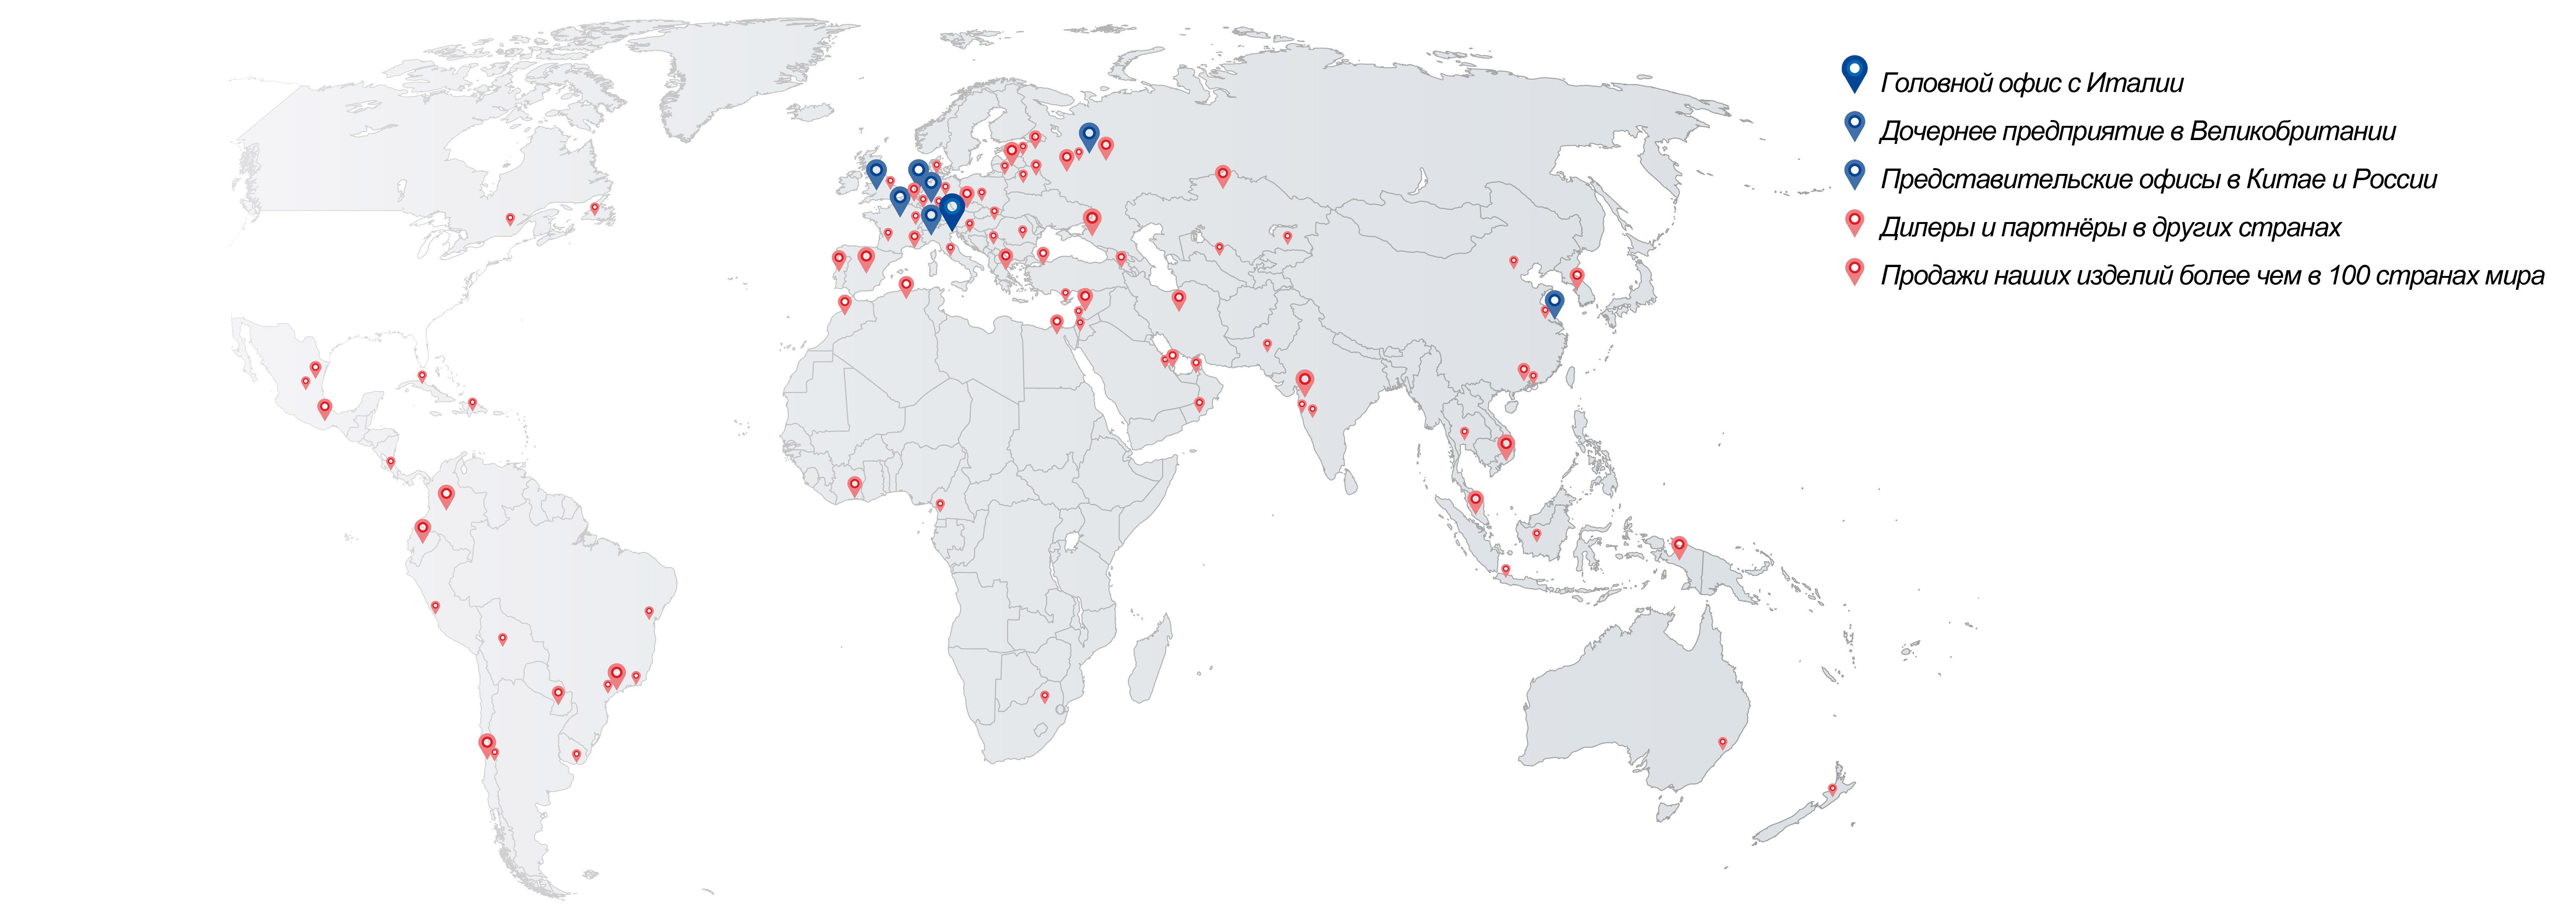 Ecoflam Ecoflam по всему миру